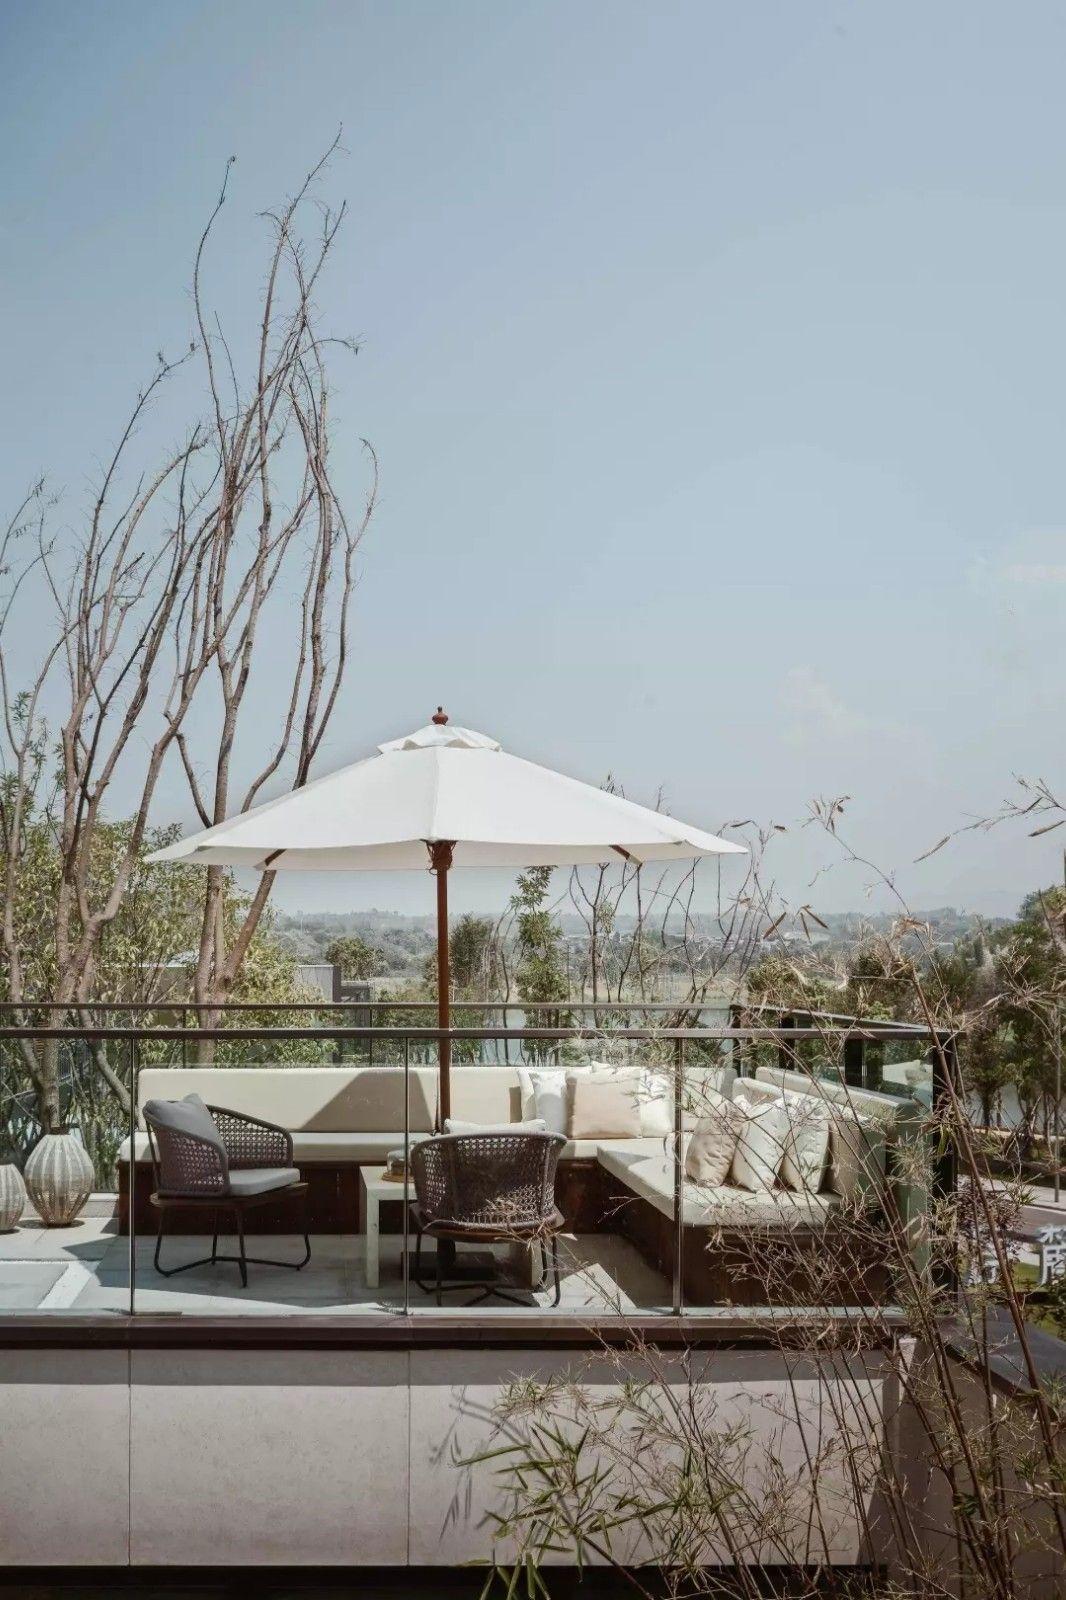 680㎡充满艺术、休闲气息与人文情怀的现代中式别墅 | YANG设计